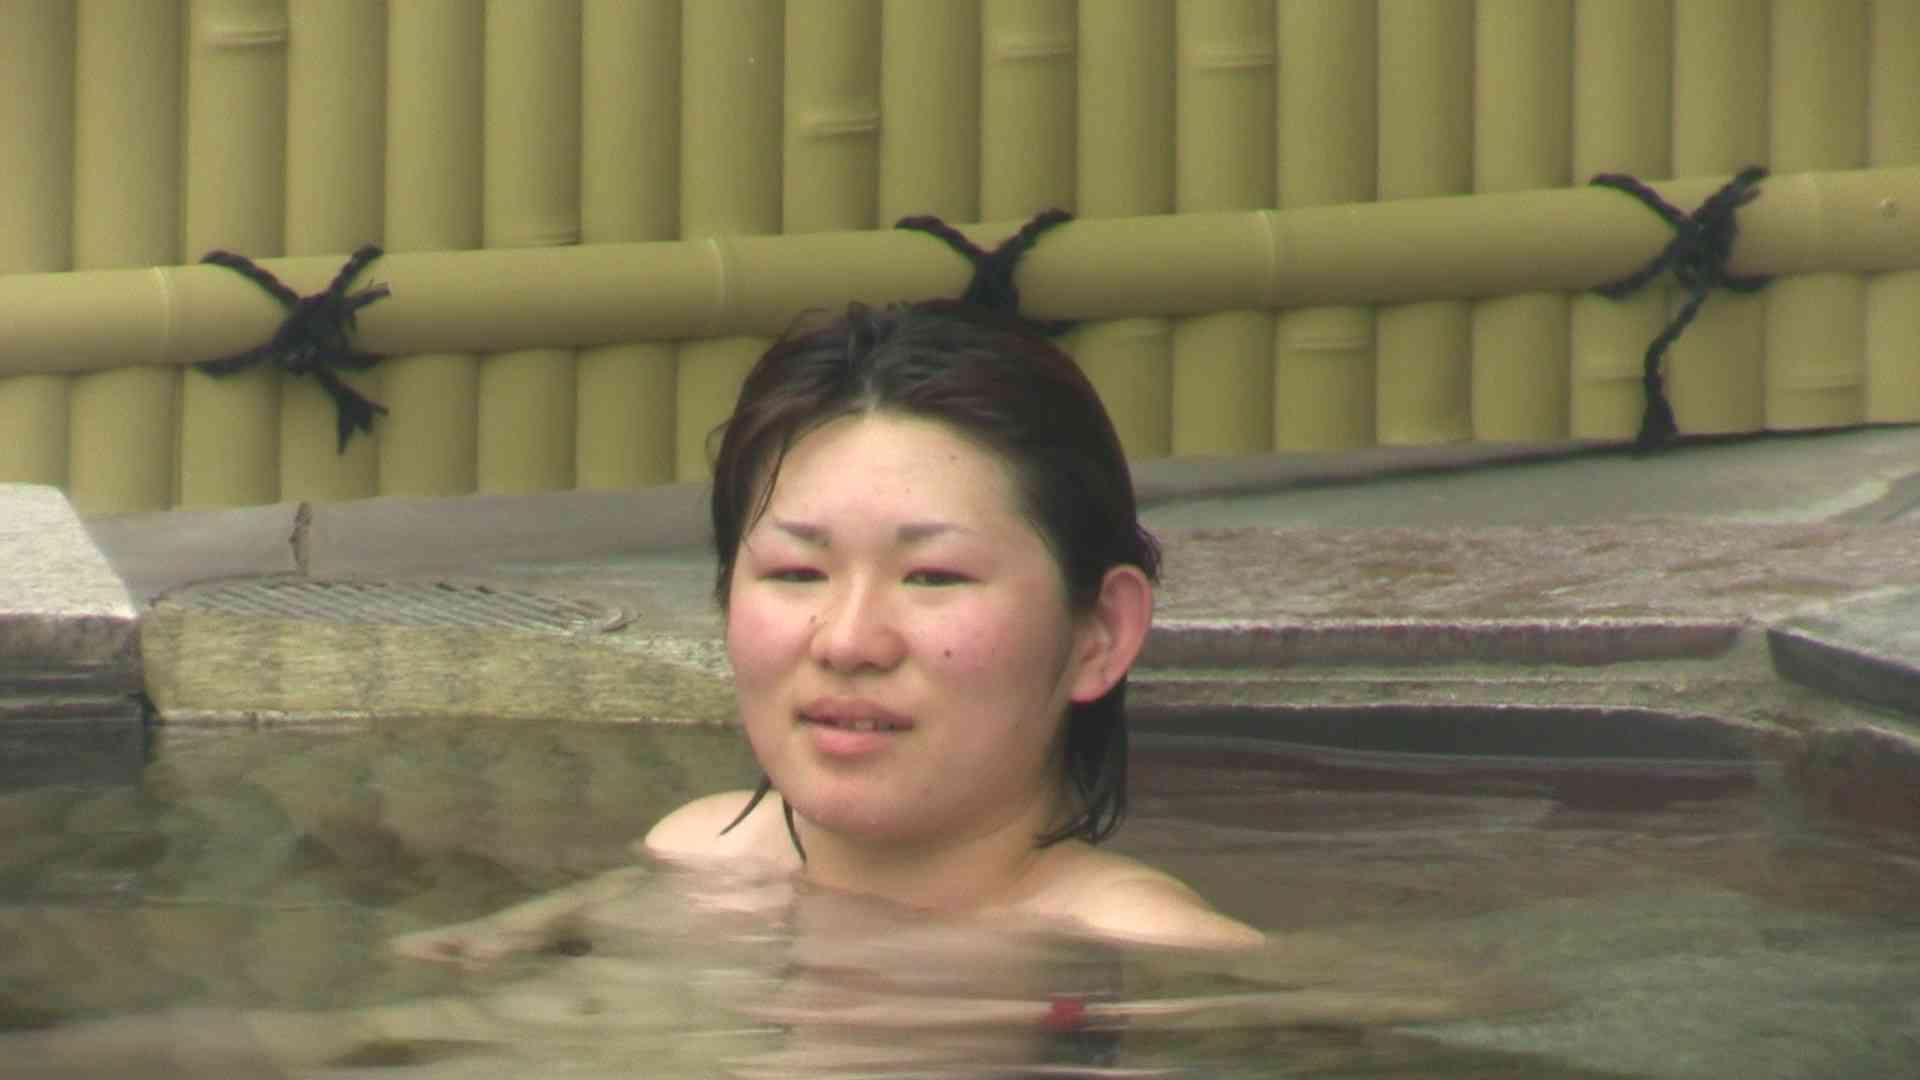 Aquaな露天風呂Vol.673 美しいOLの裸体  99pic 48